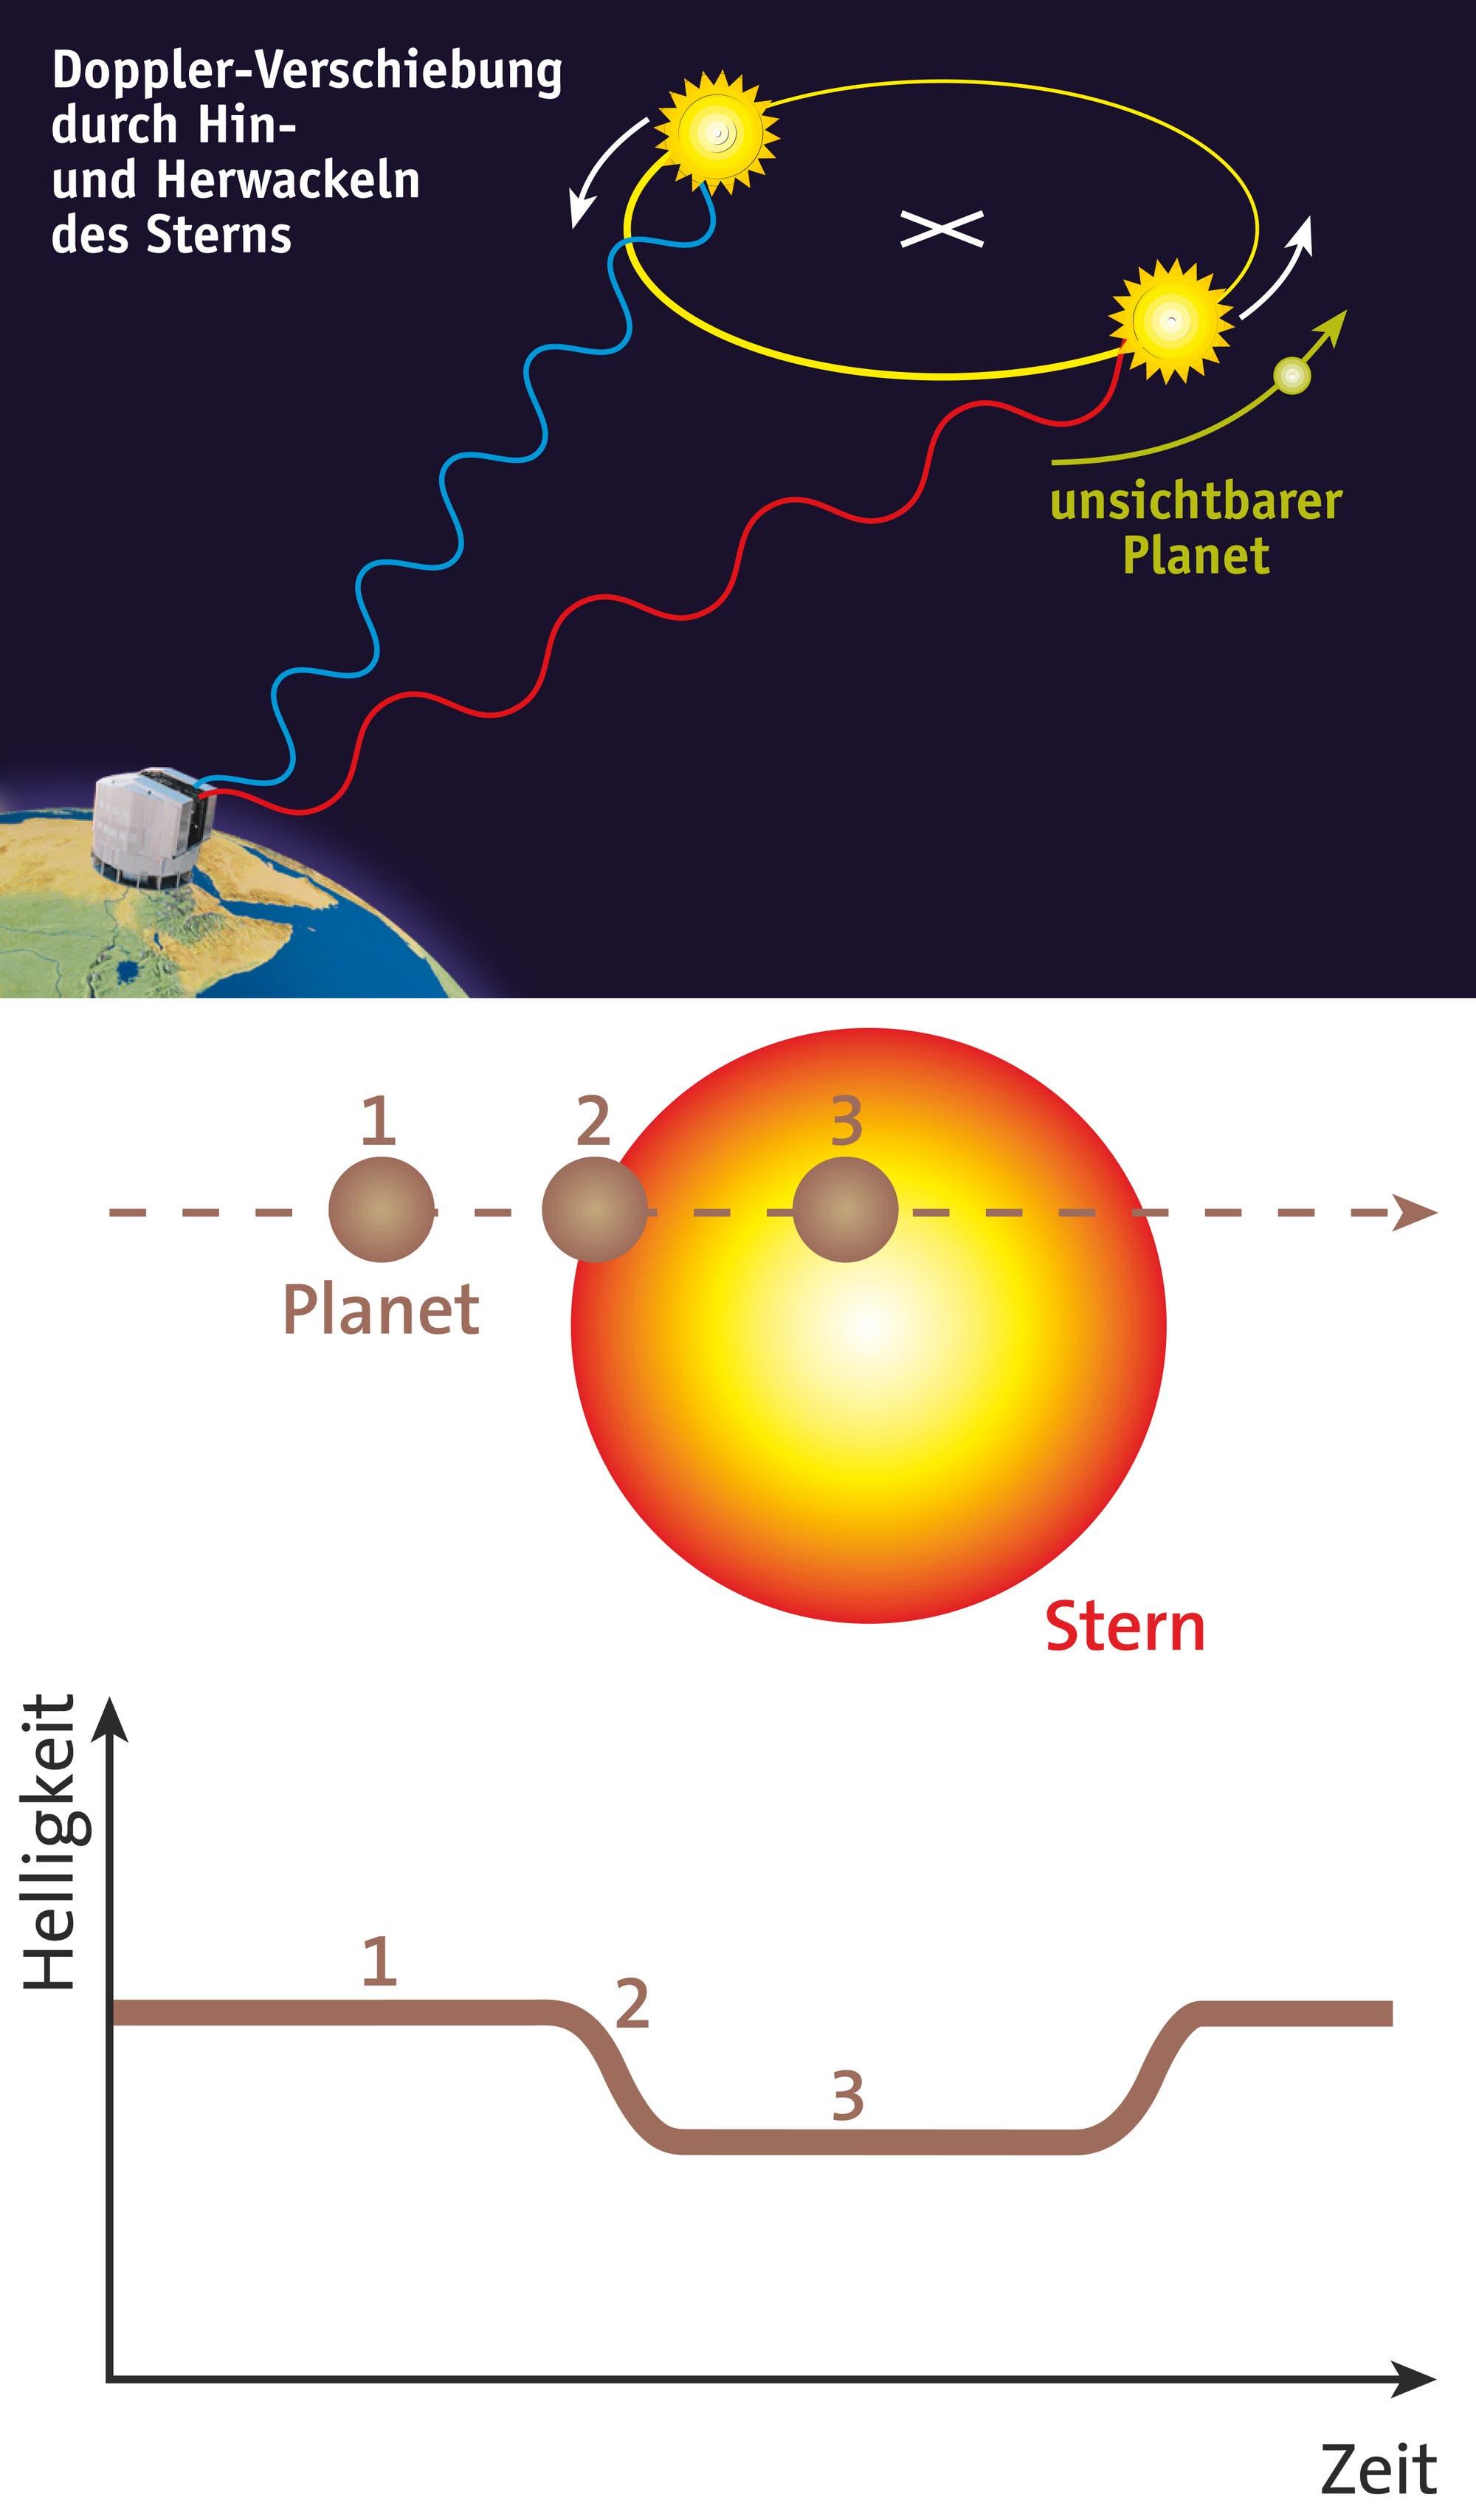 Wie findet man Exoplaneten?